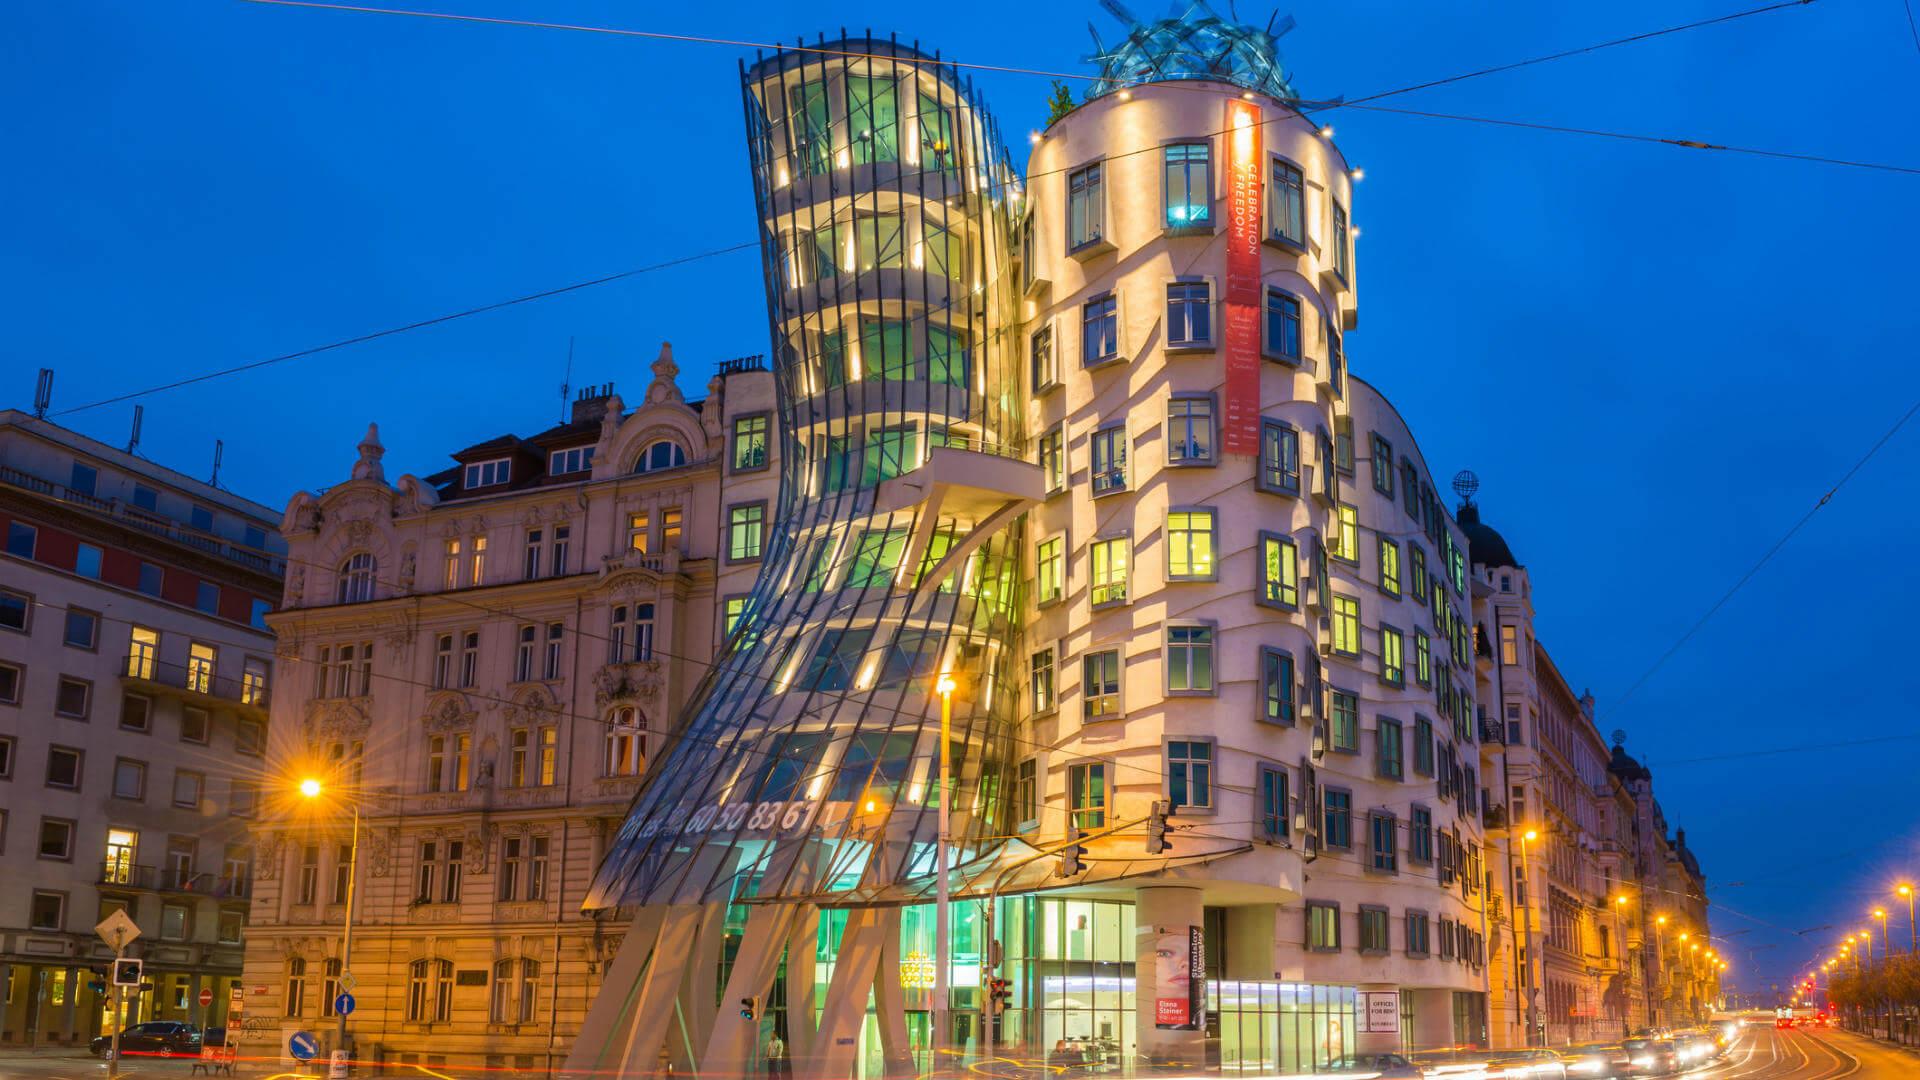 edificios raros europa casa danzante